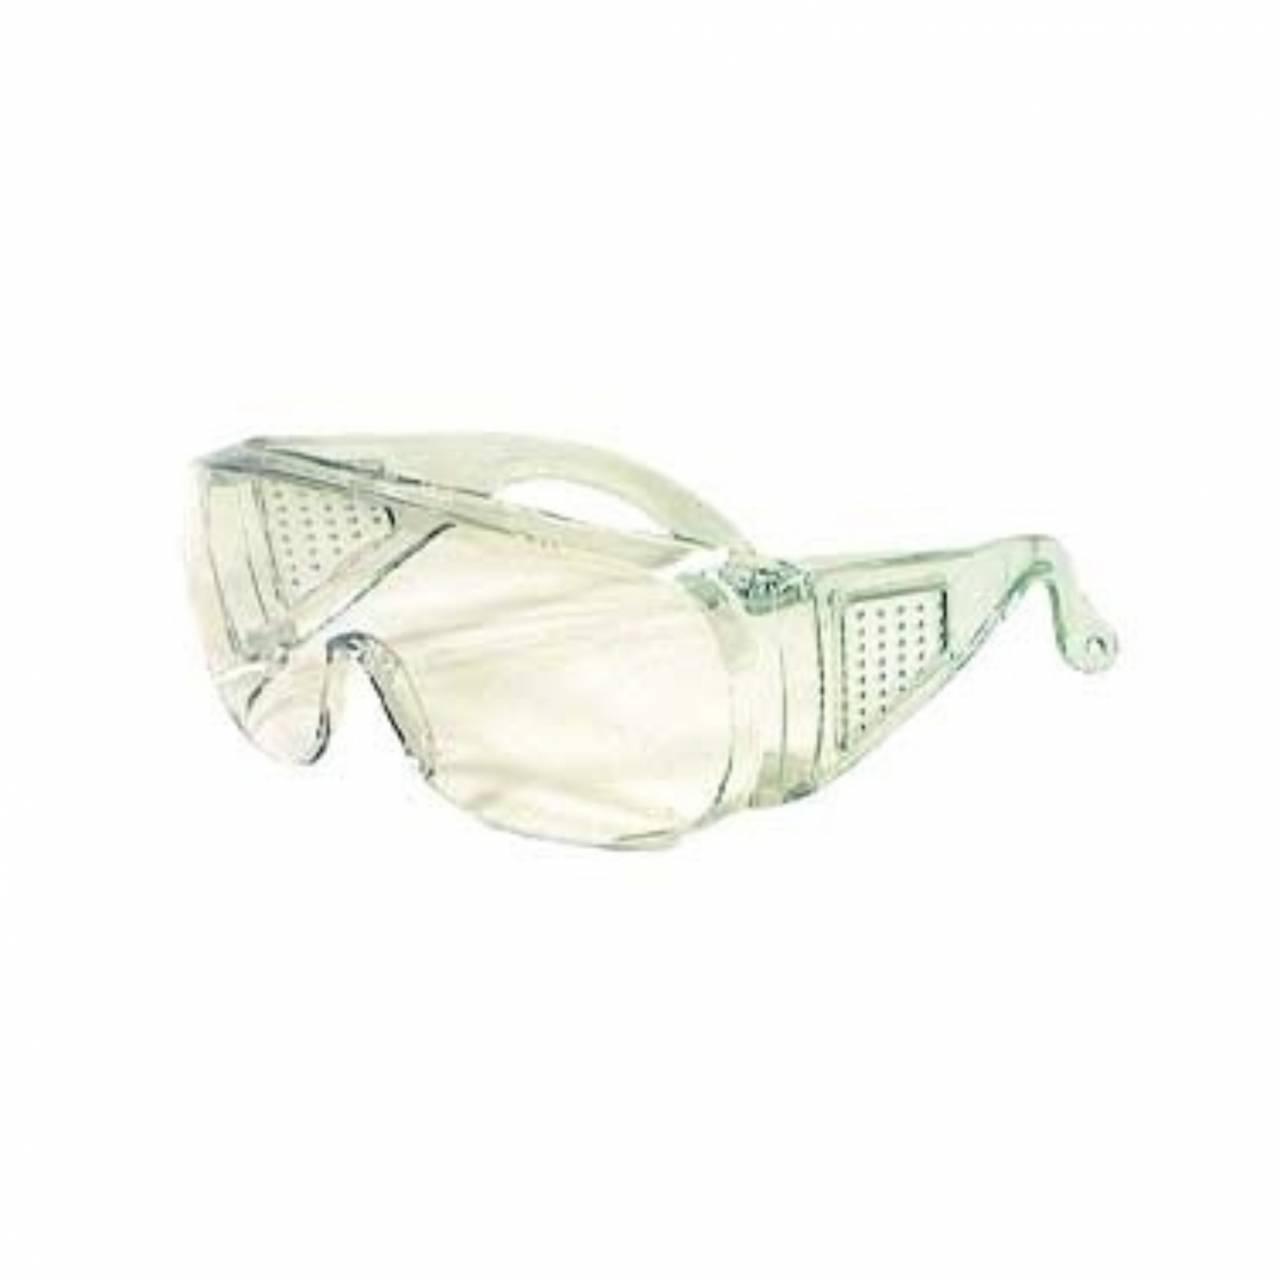 Schutz- und Überbrille 'Panorama'